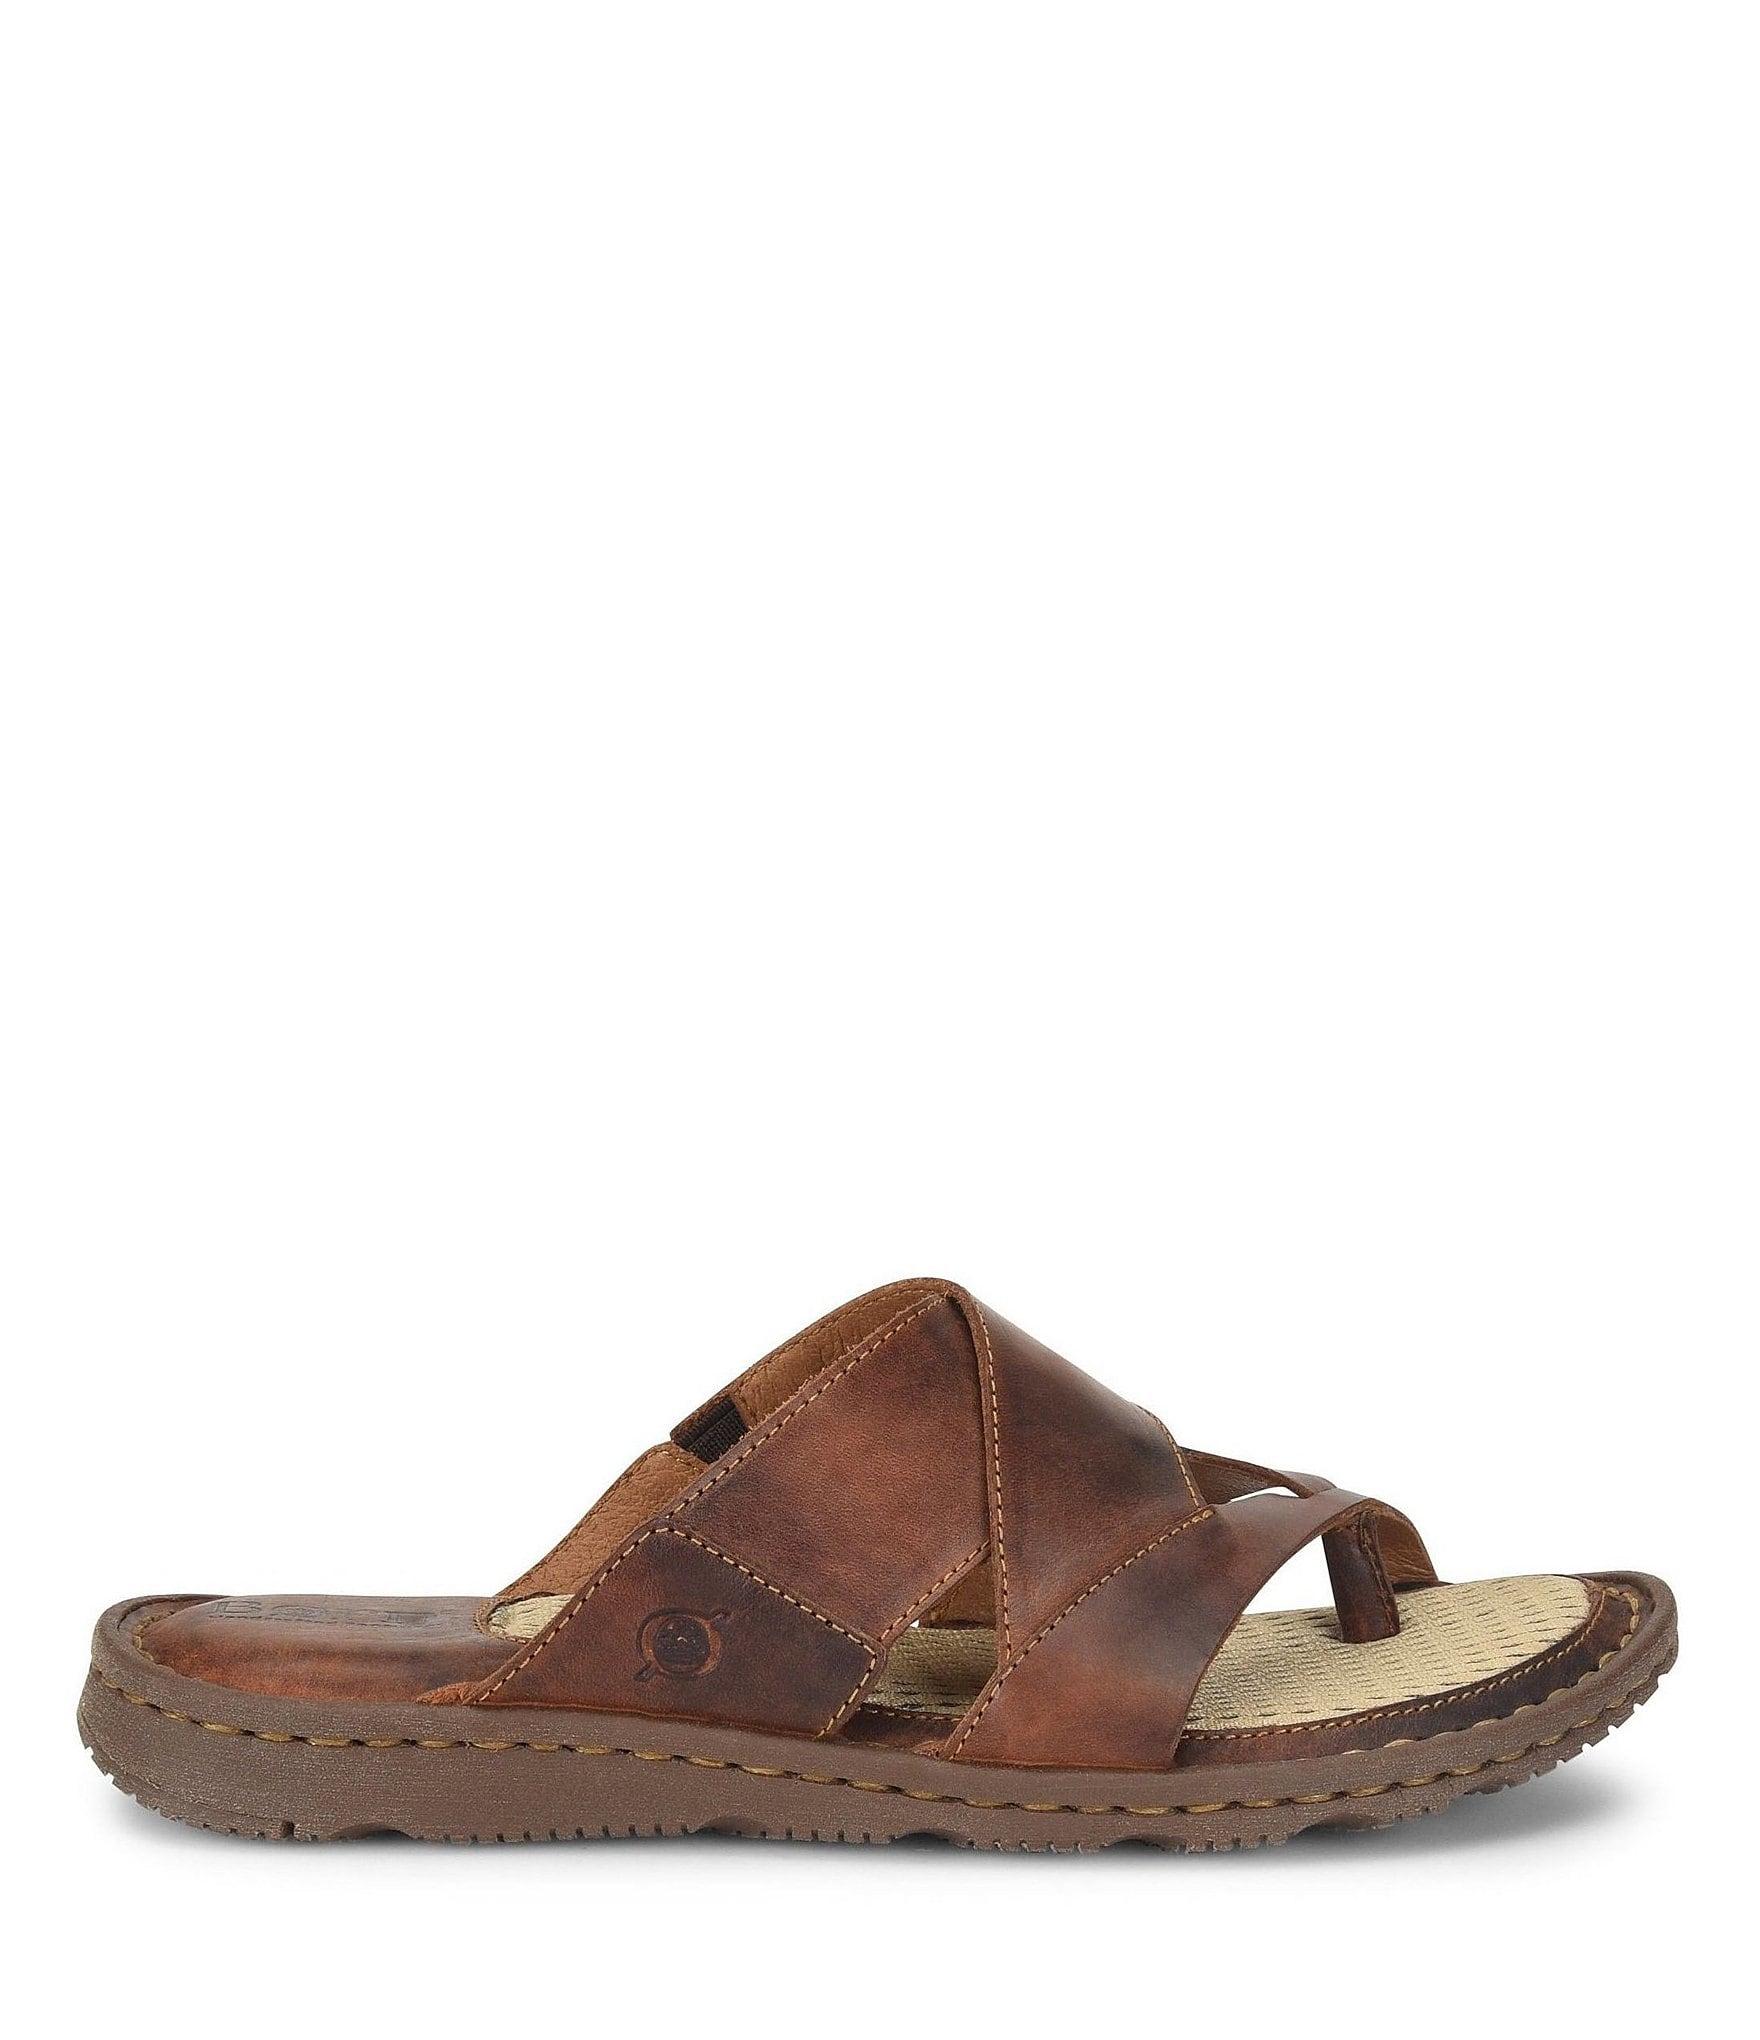 Olive Edie Girls jem Slip On Thong Slide Sandals fuchsia Size 6